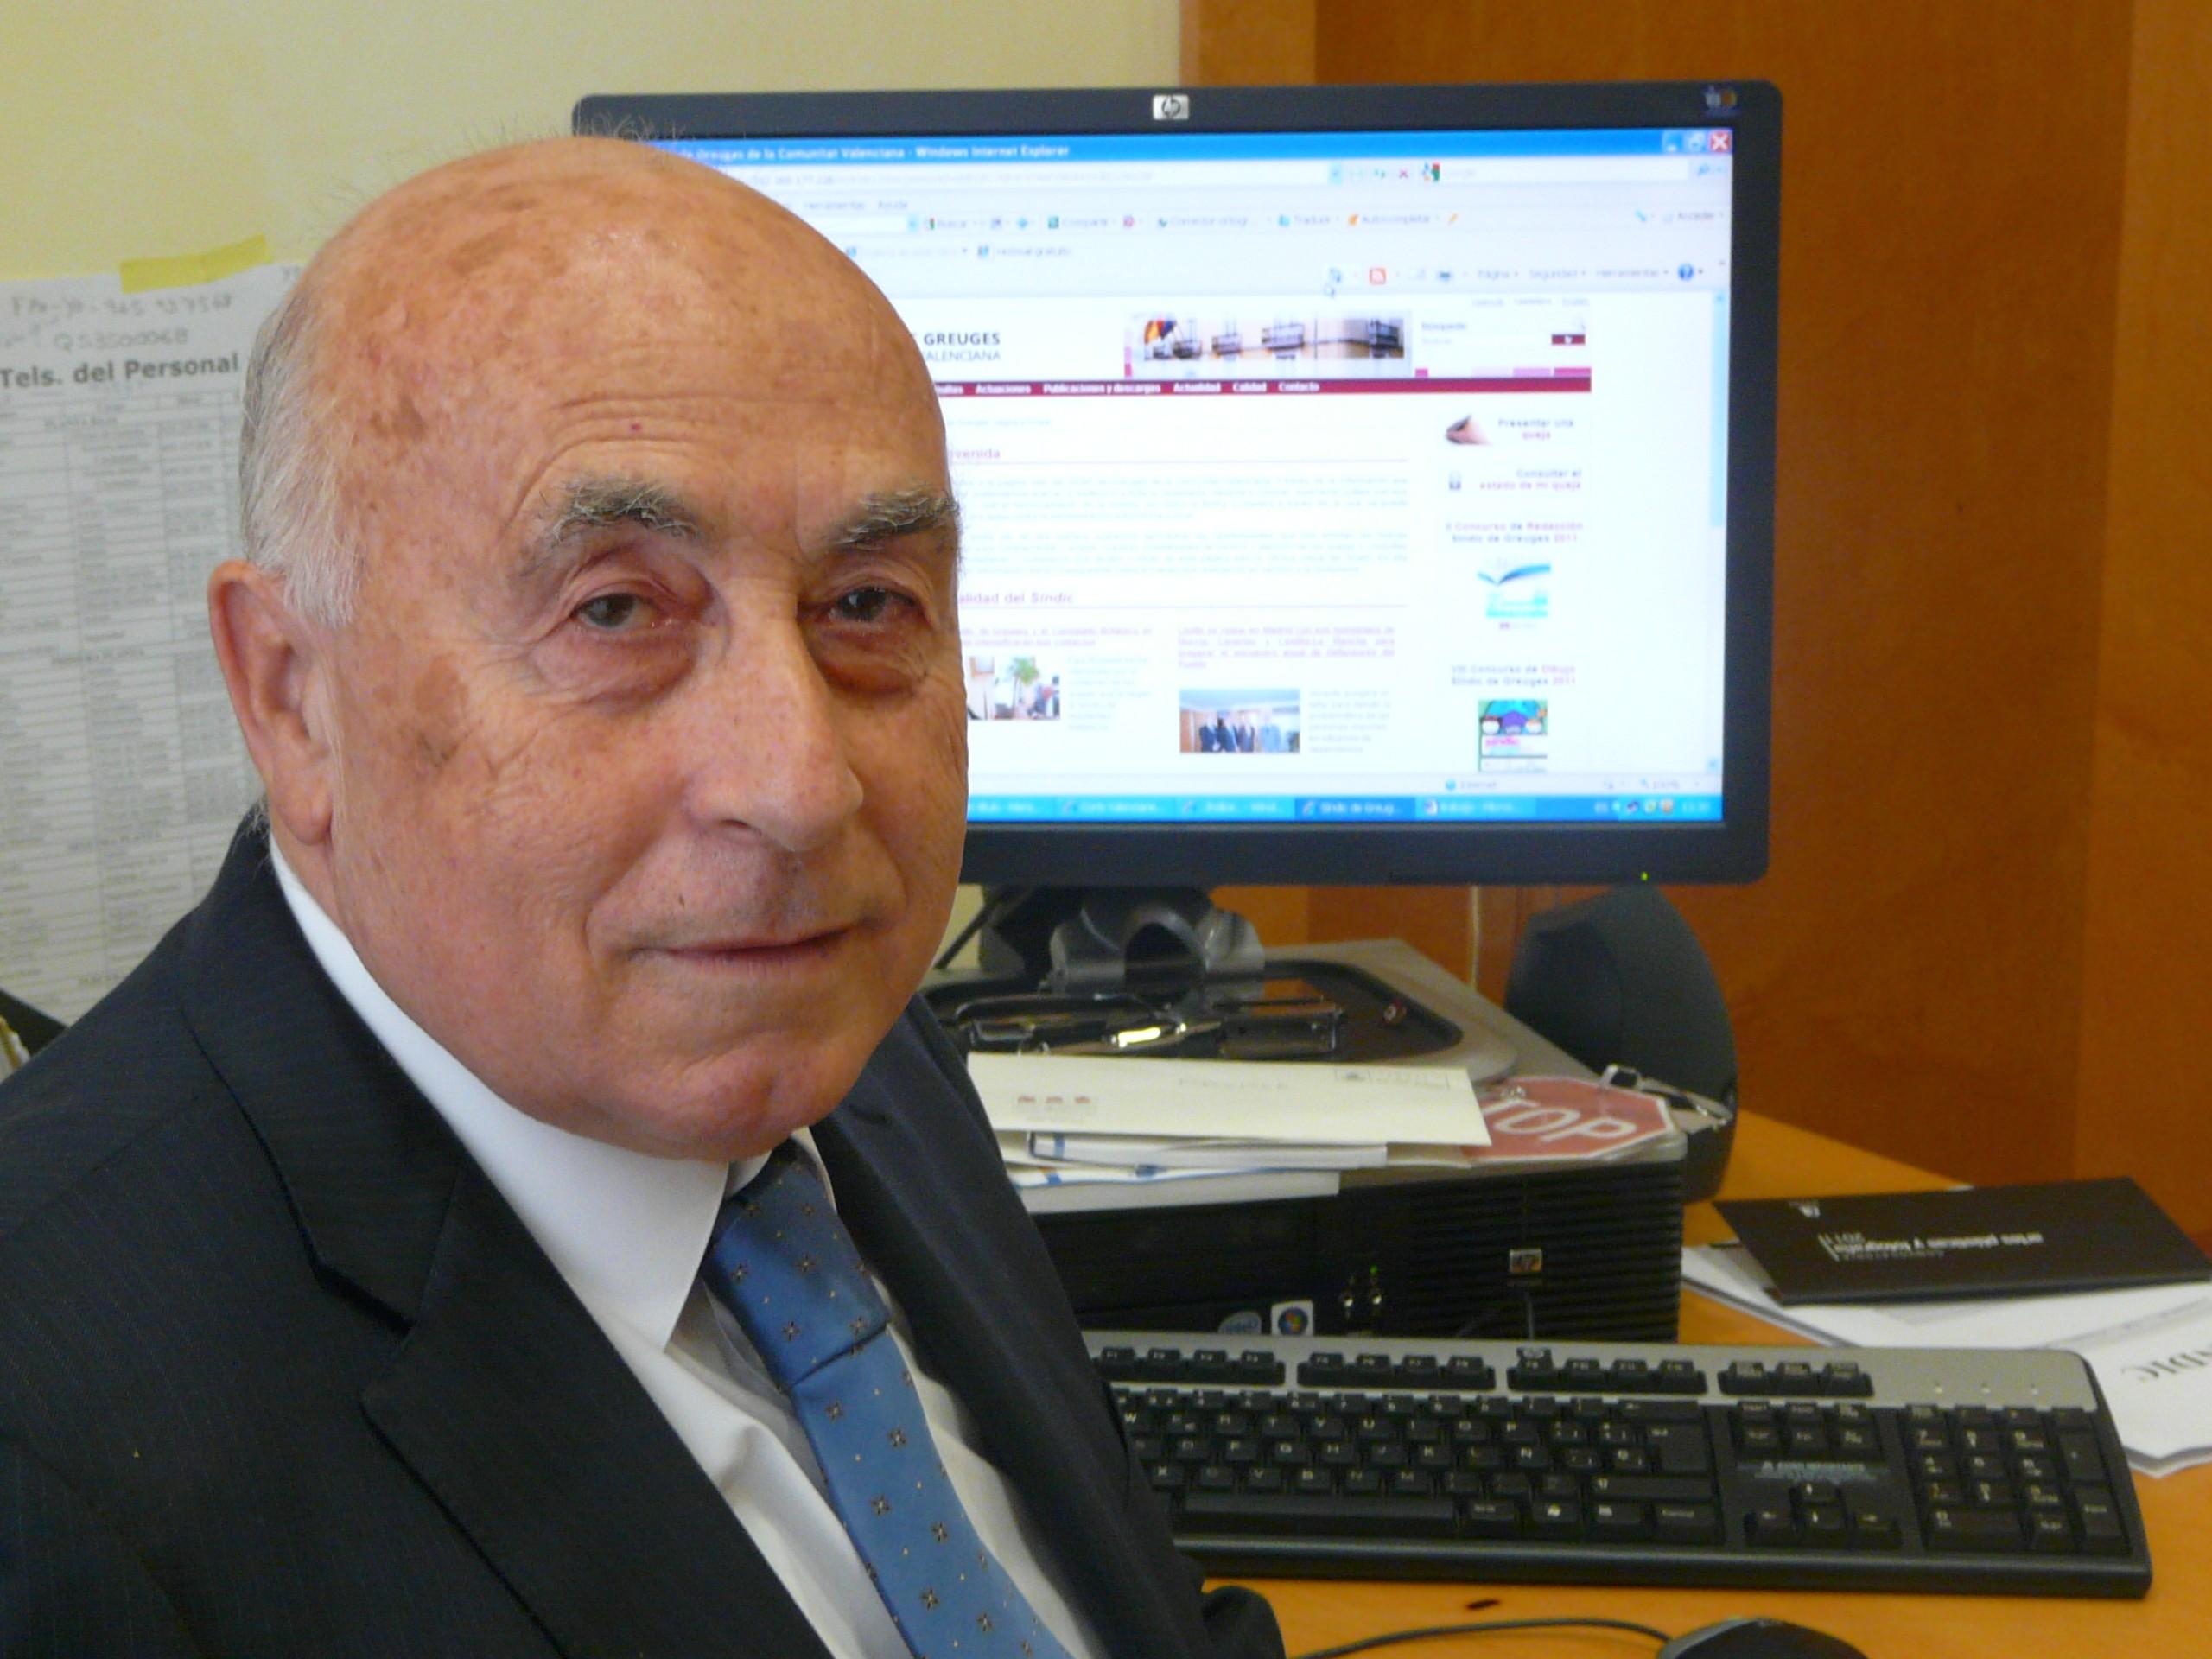 El Síndic de Greuges y el Ayuntamiento de Alicante ponen en marcha la comunicación de expedientes por Internet